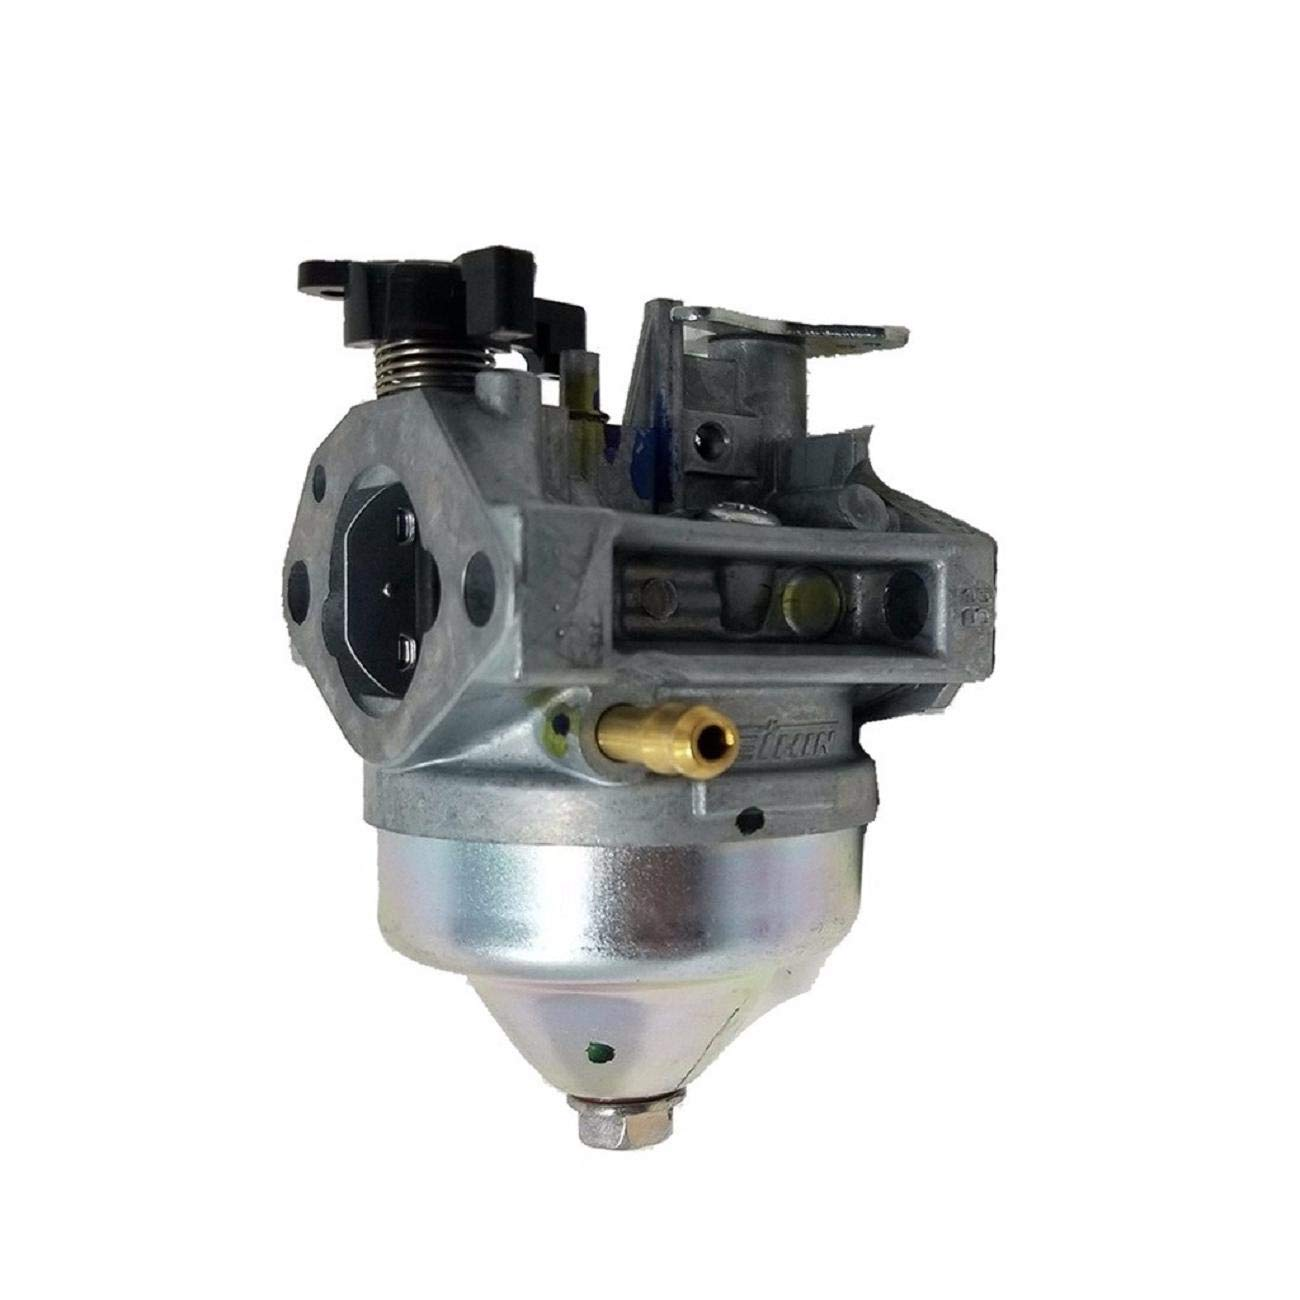 GreatFunReemplace el carburador del césped para Honda 16100-Z0L-853 Carburador para GCV160A GCV160LA GCV160LAO Pieza de Recambio del Motor de carburador